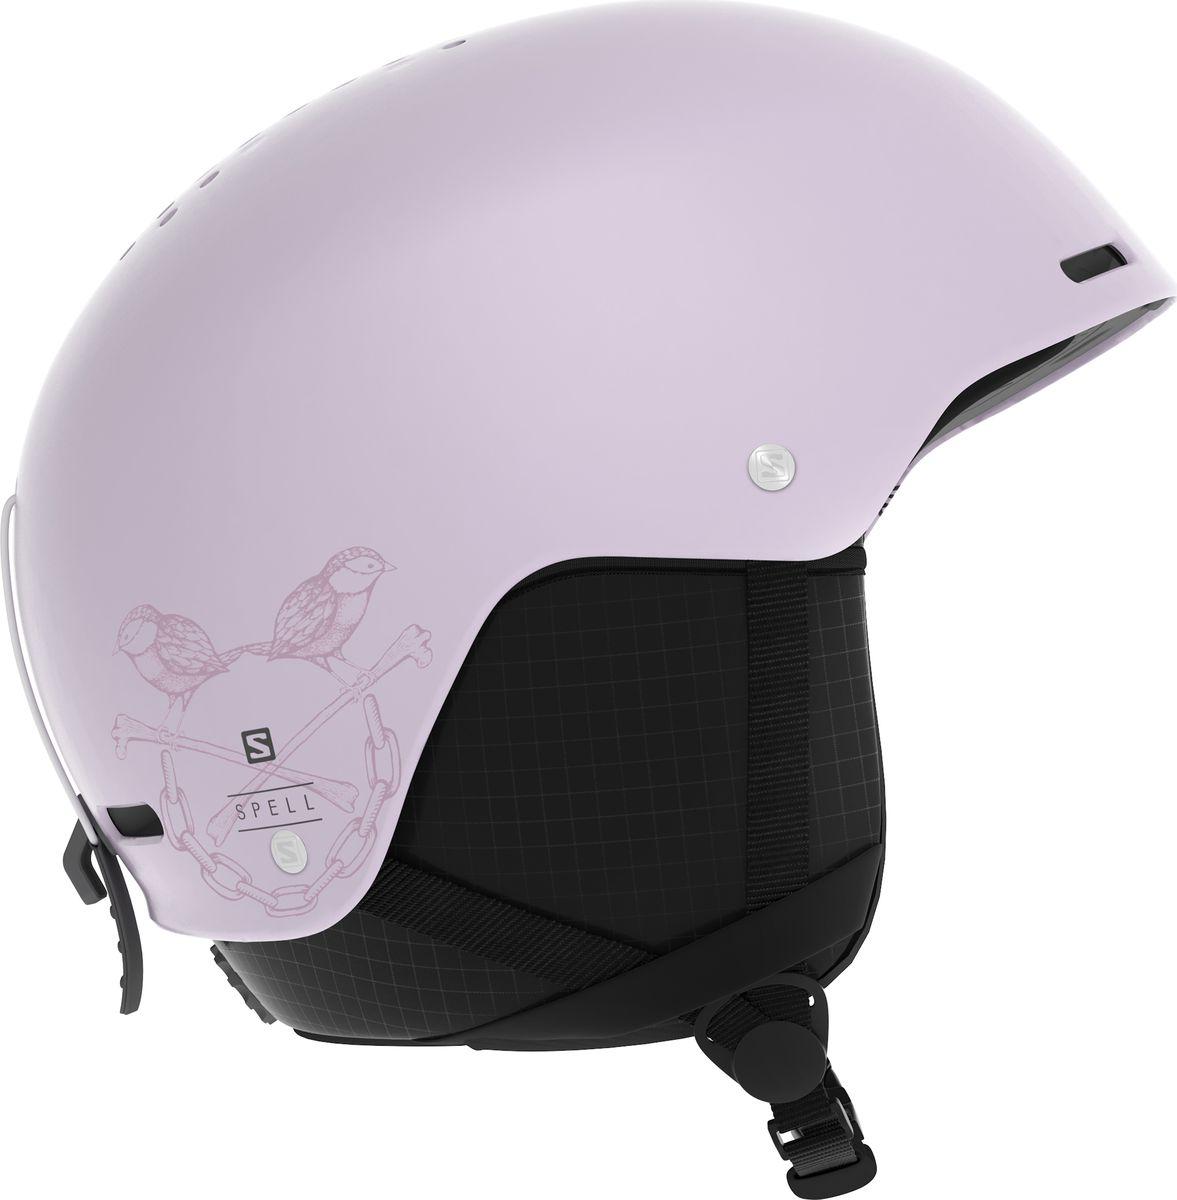 Шлем горнолыжный Salomon Spell, цвет: розовый. Размер S (53-56)